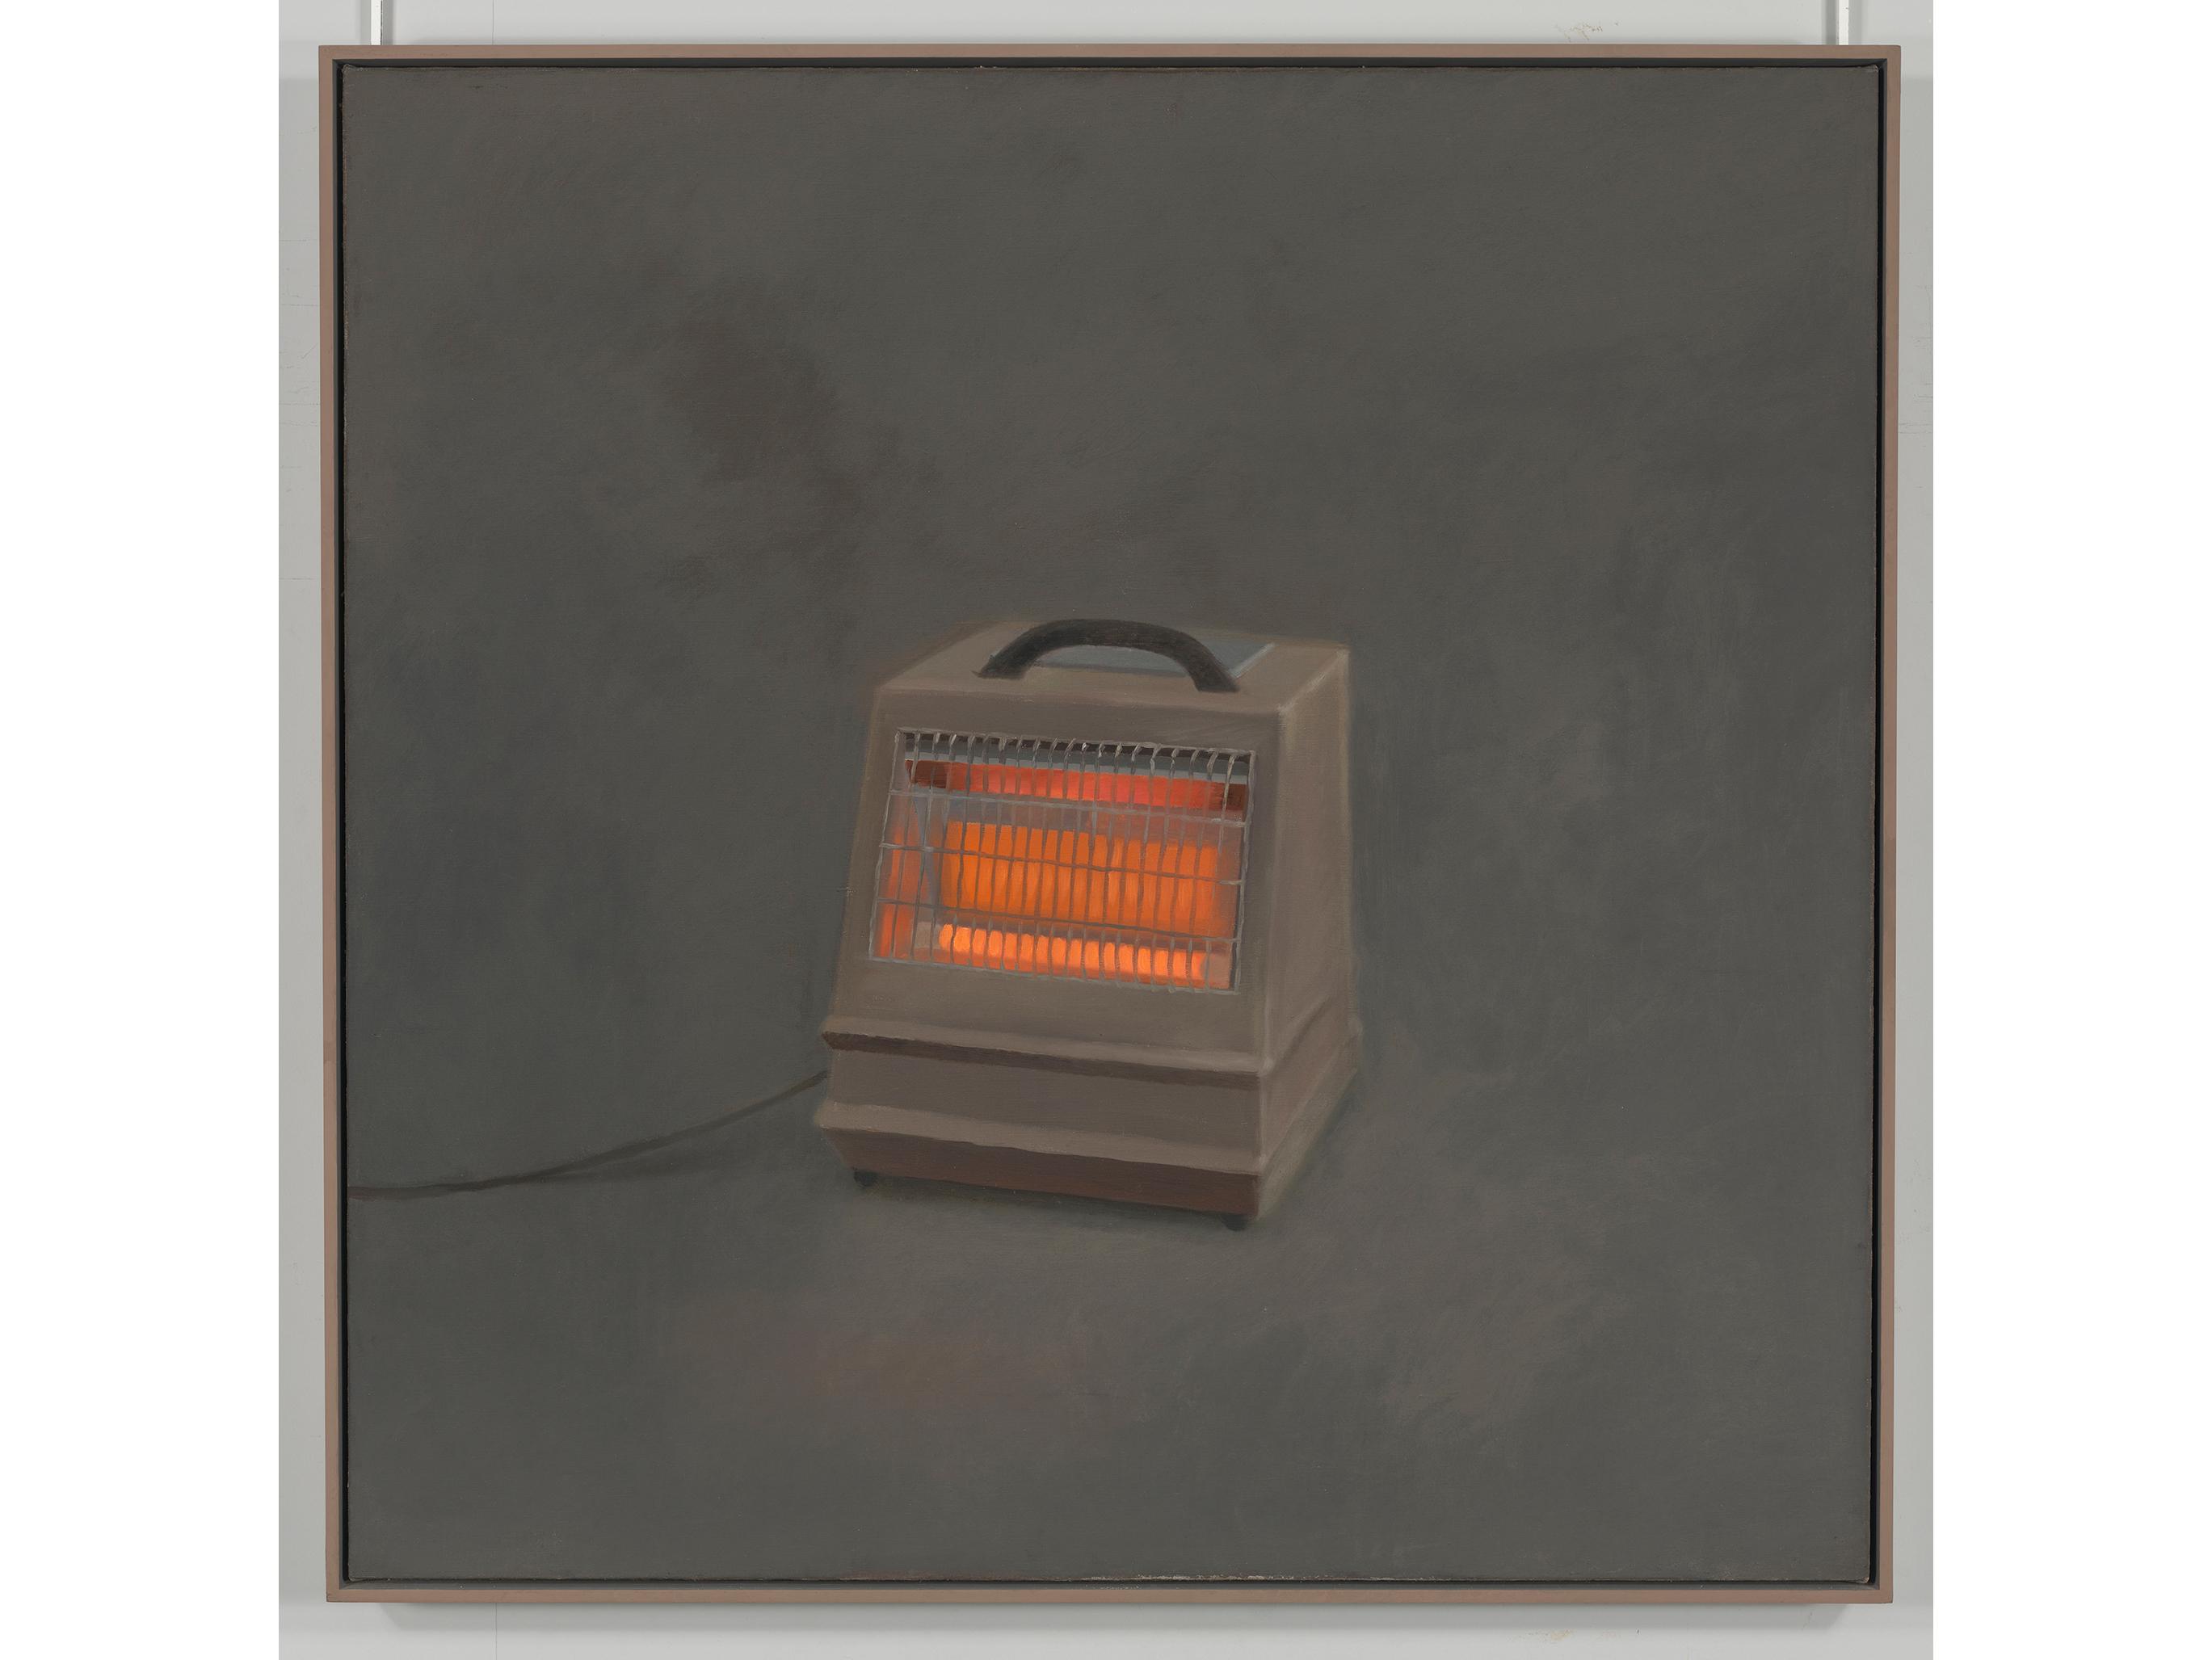 Heater (1964), Vija Celmins